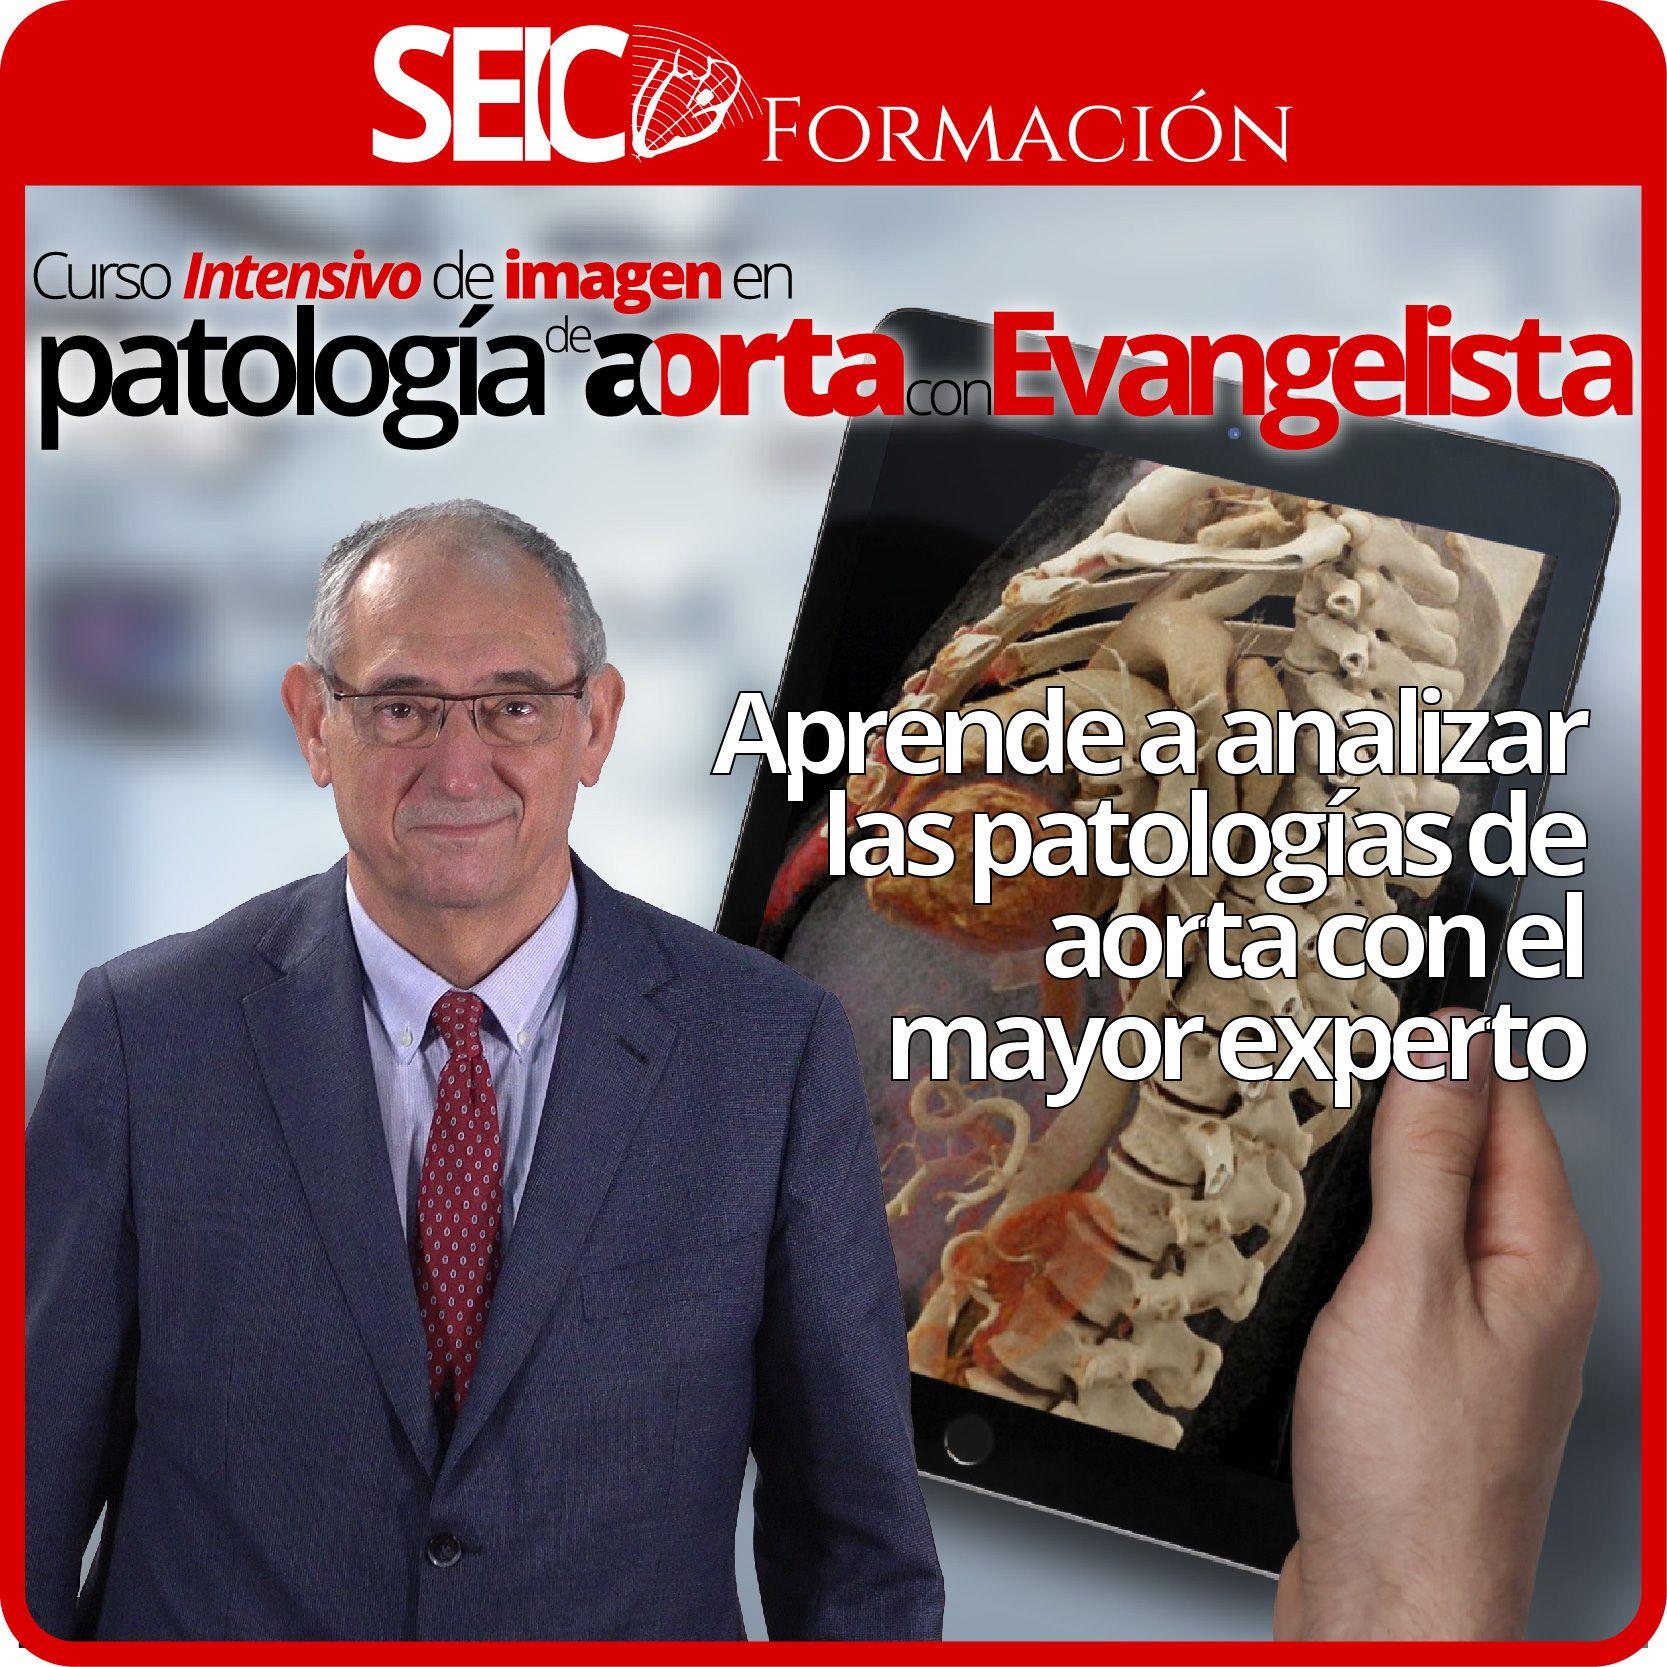 Curso Intensivo de Imagen en Patología de Aorta con Evangelista